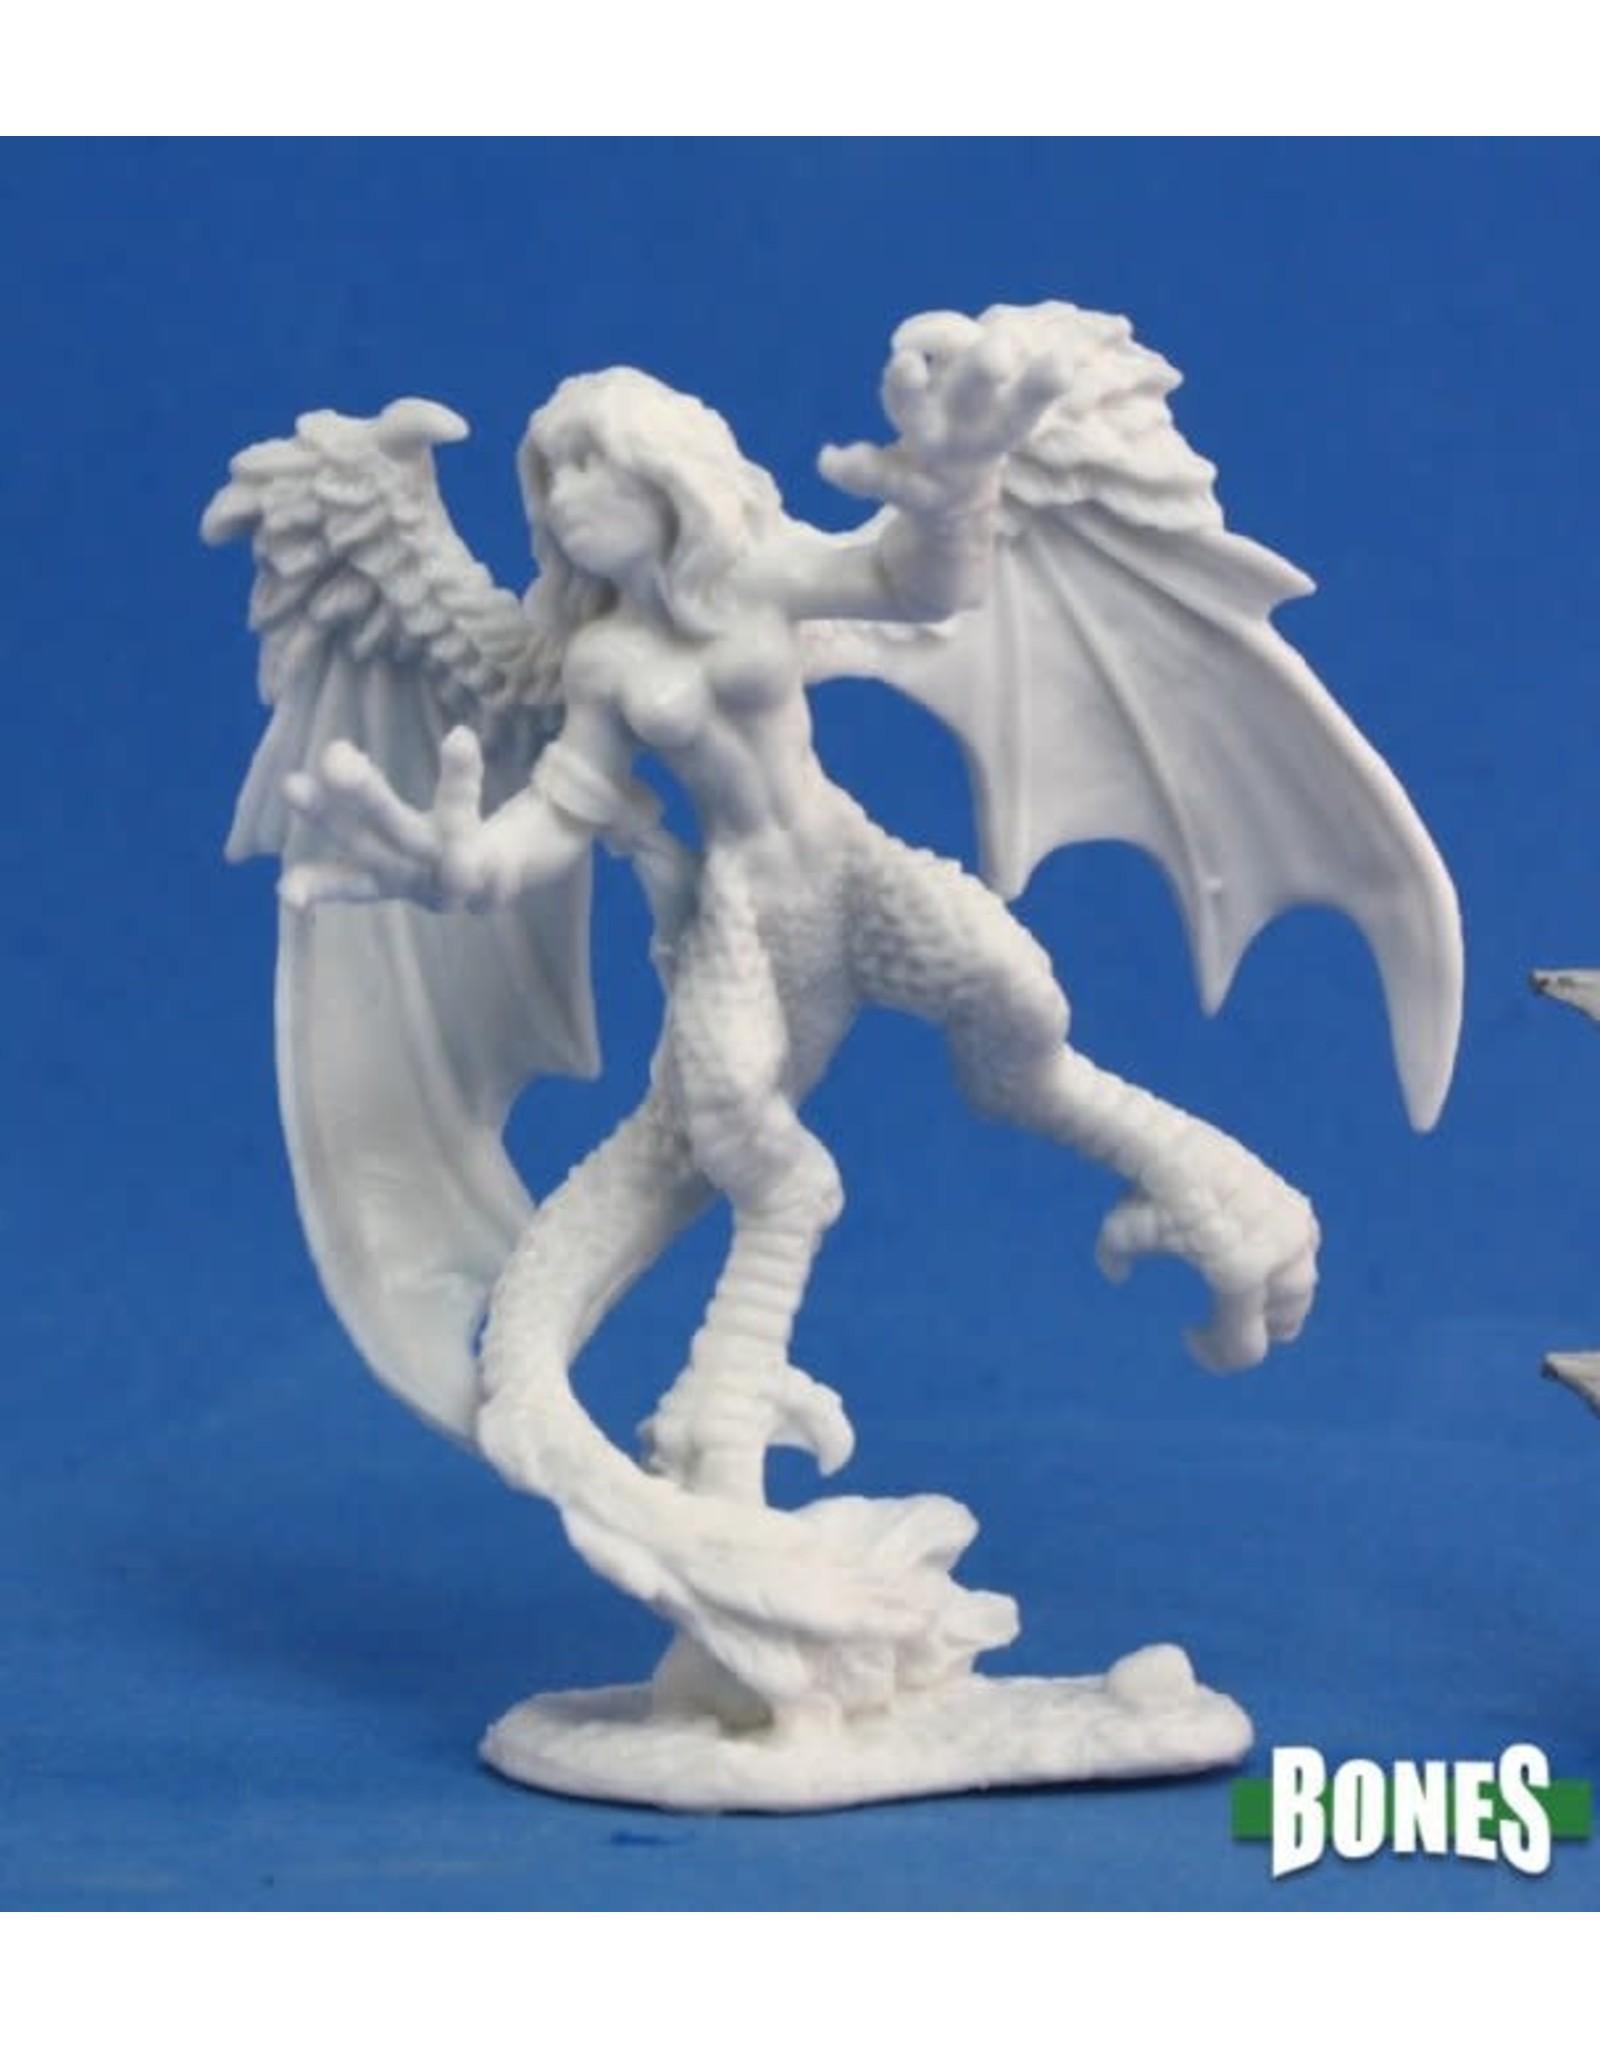 Reaper Bones: Harpy